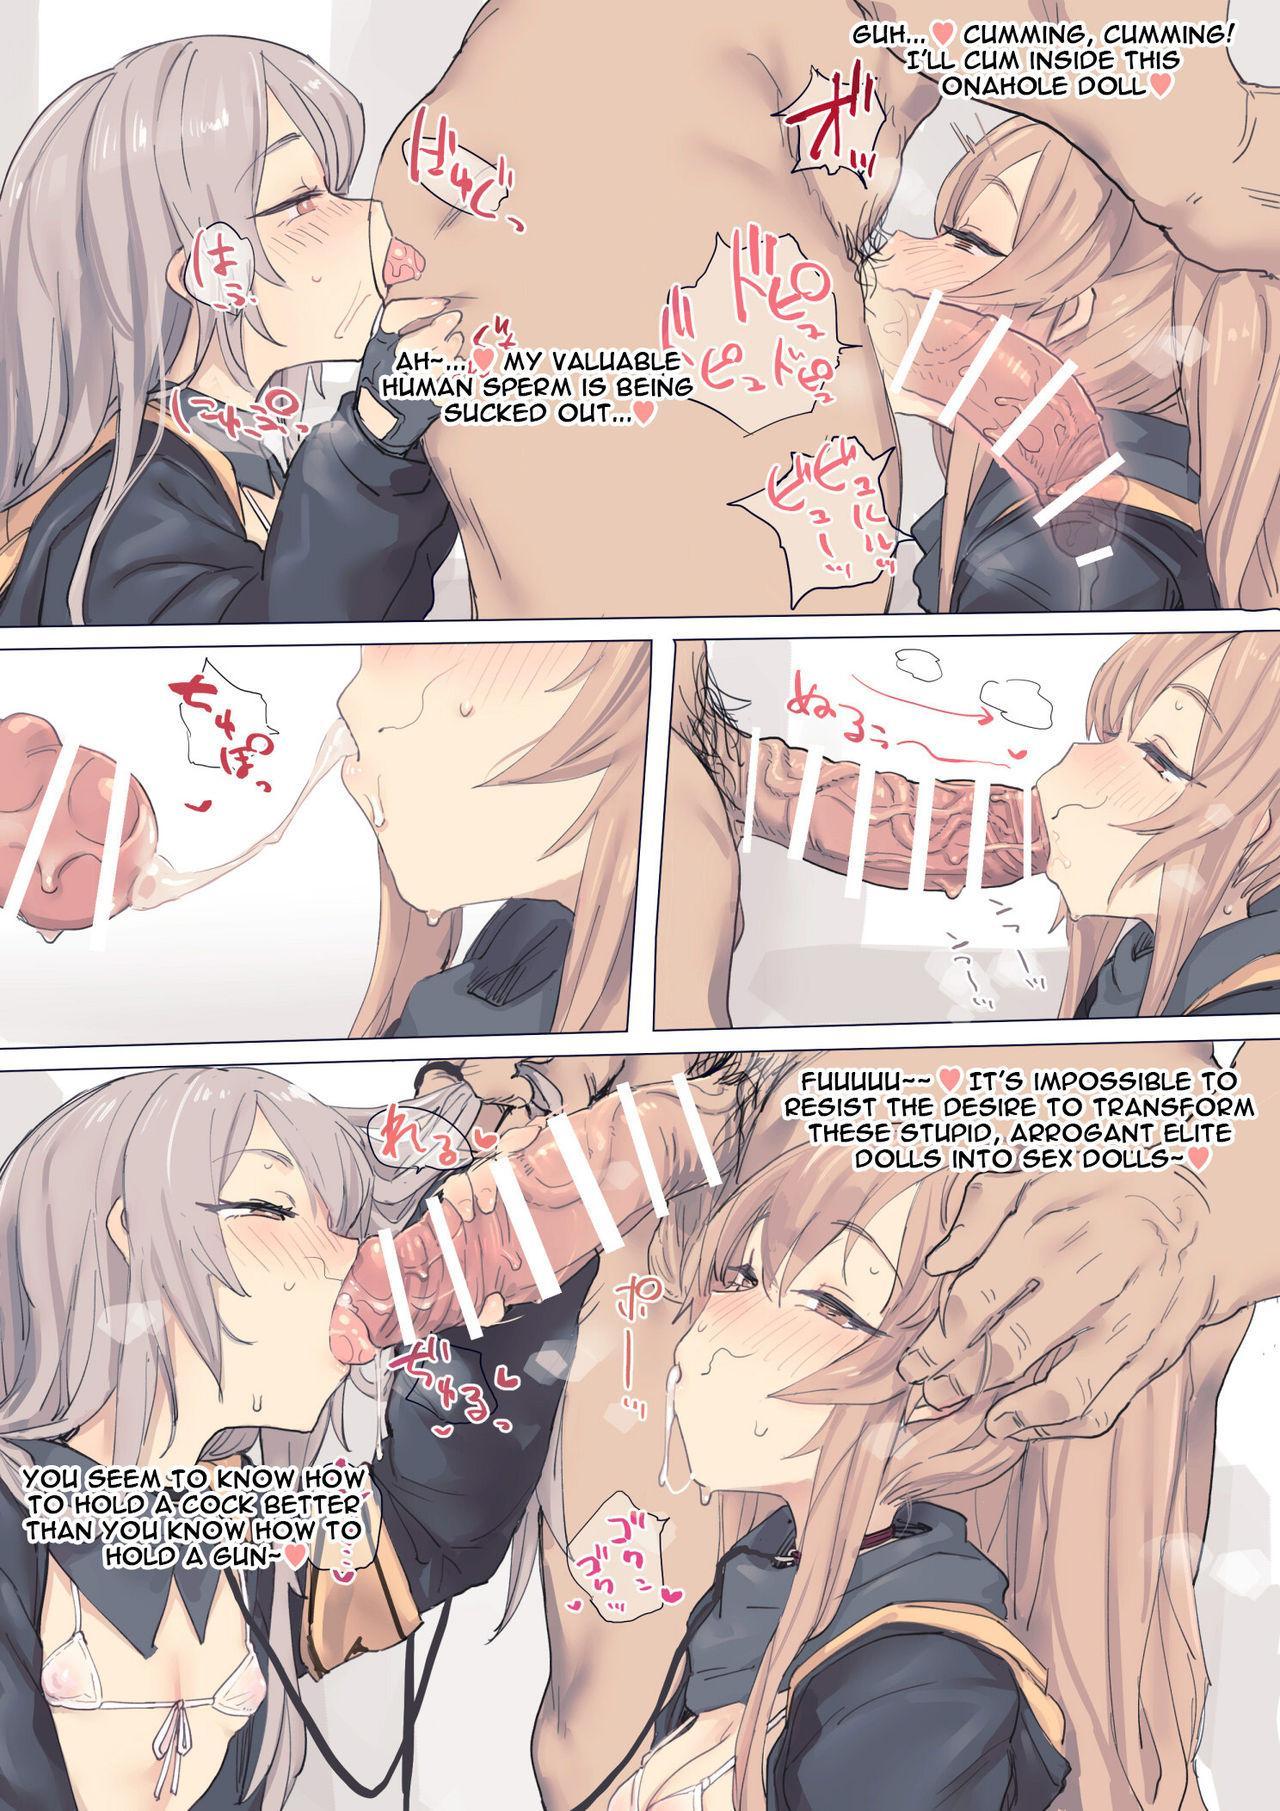 Kokkoro-chan & Girl's frontline 7